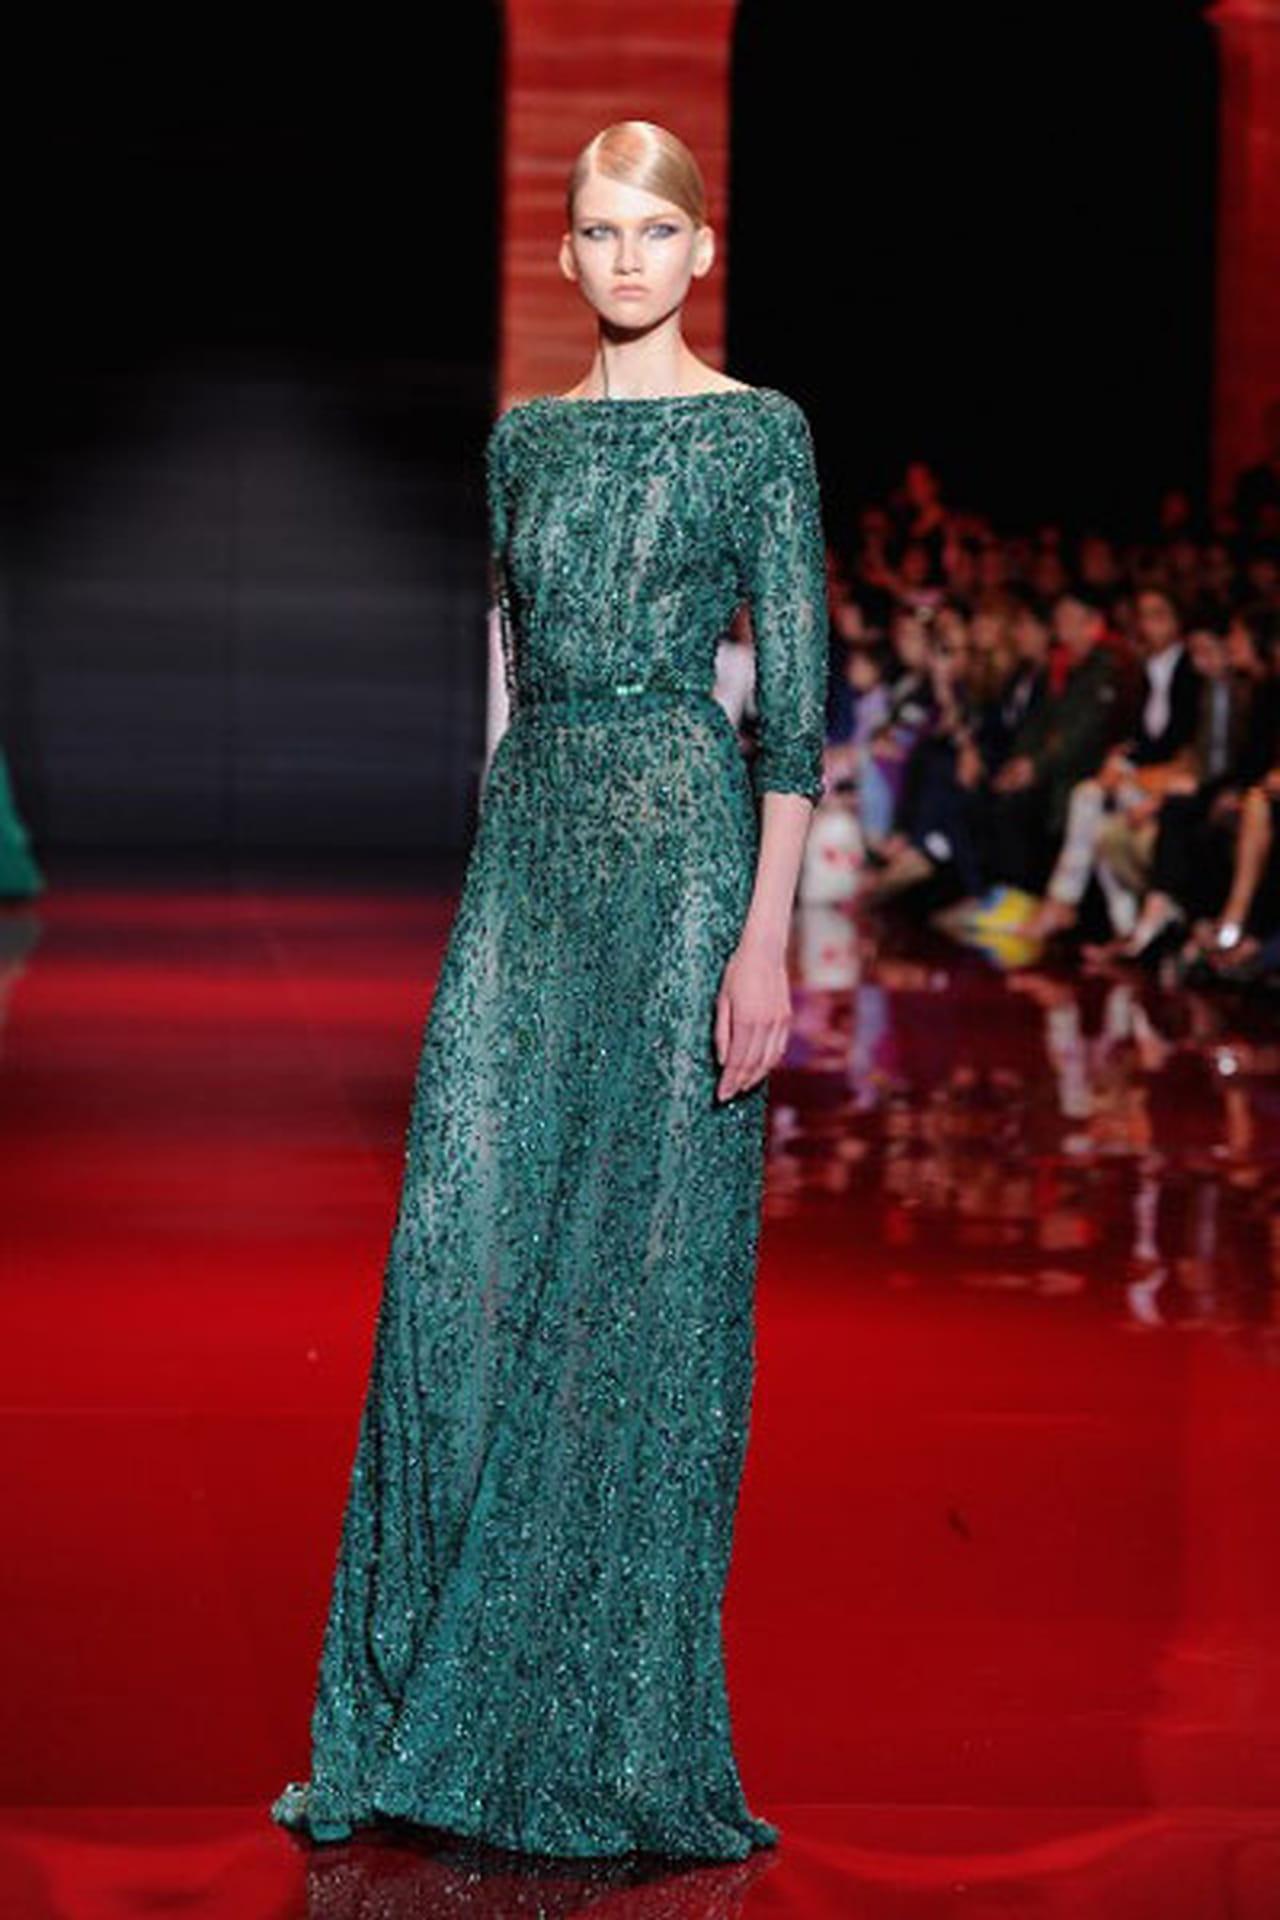 Роскошные вечерние платья Elie Saab представлены на Неделе высокой моды в Париже 3 июля 2013 года